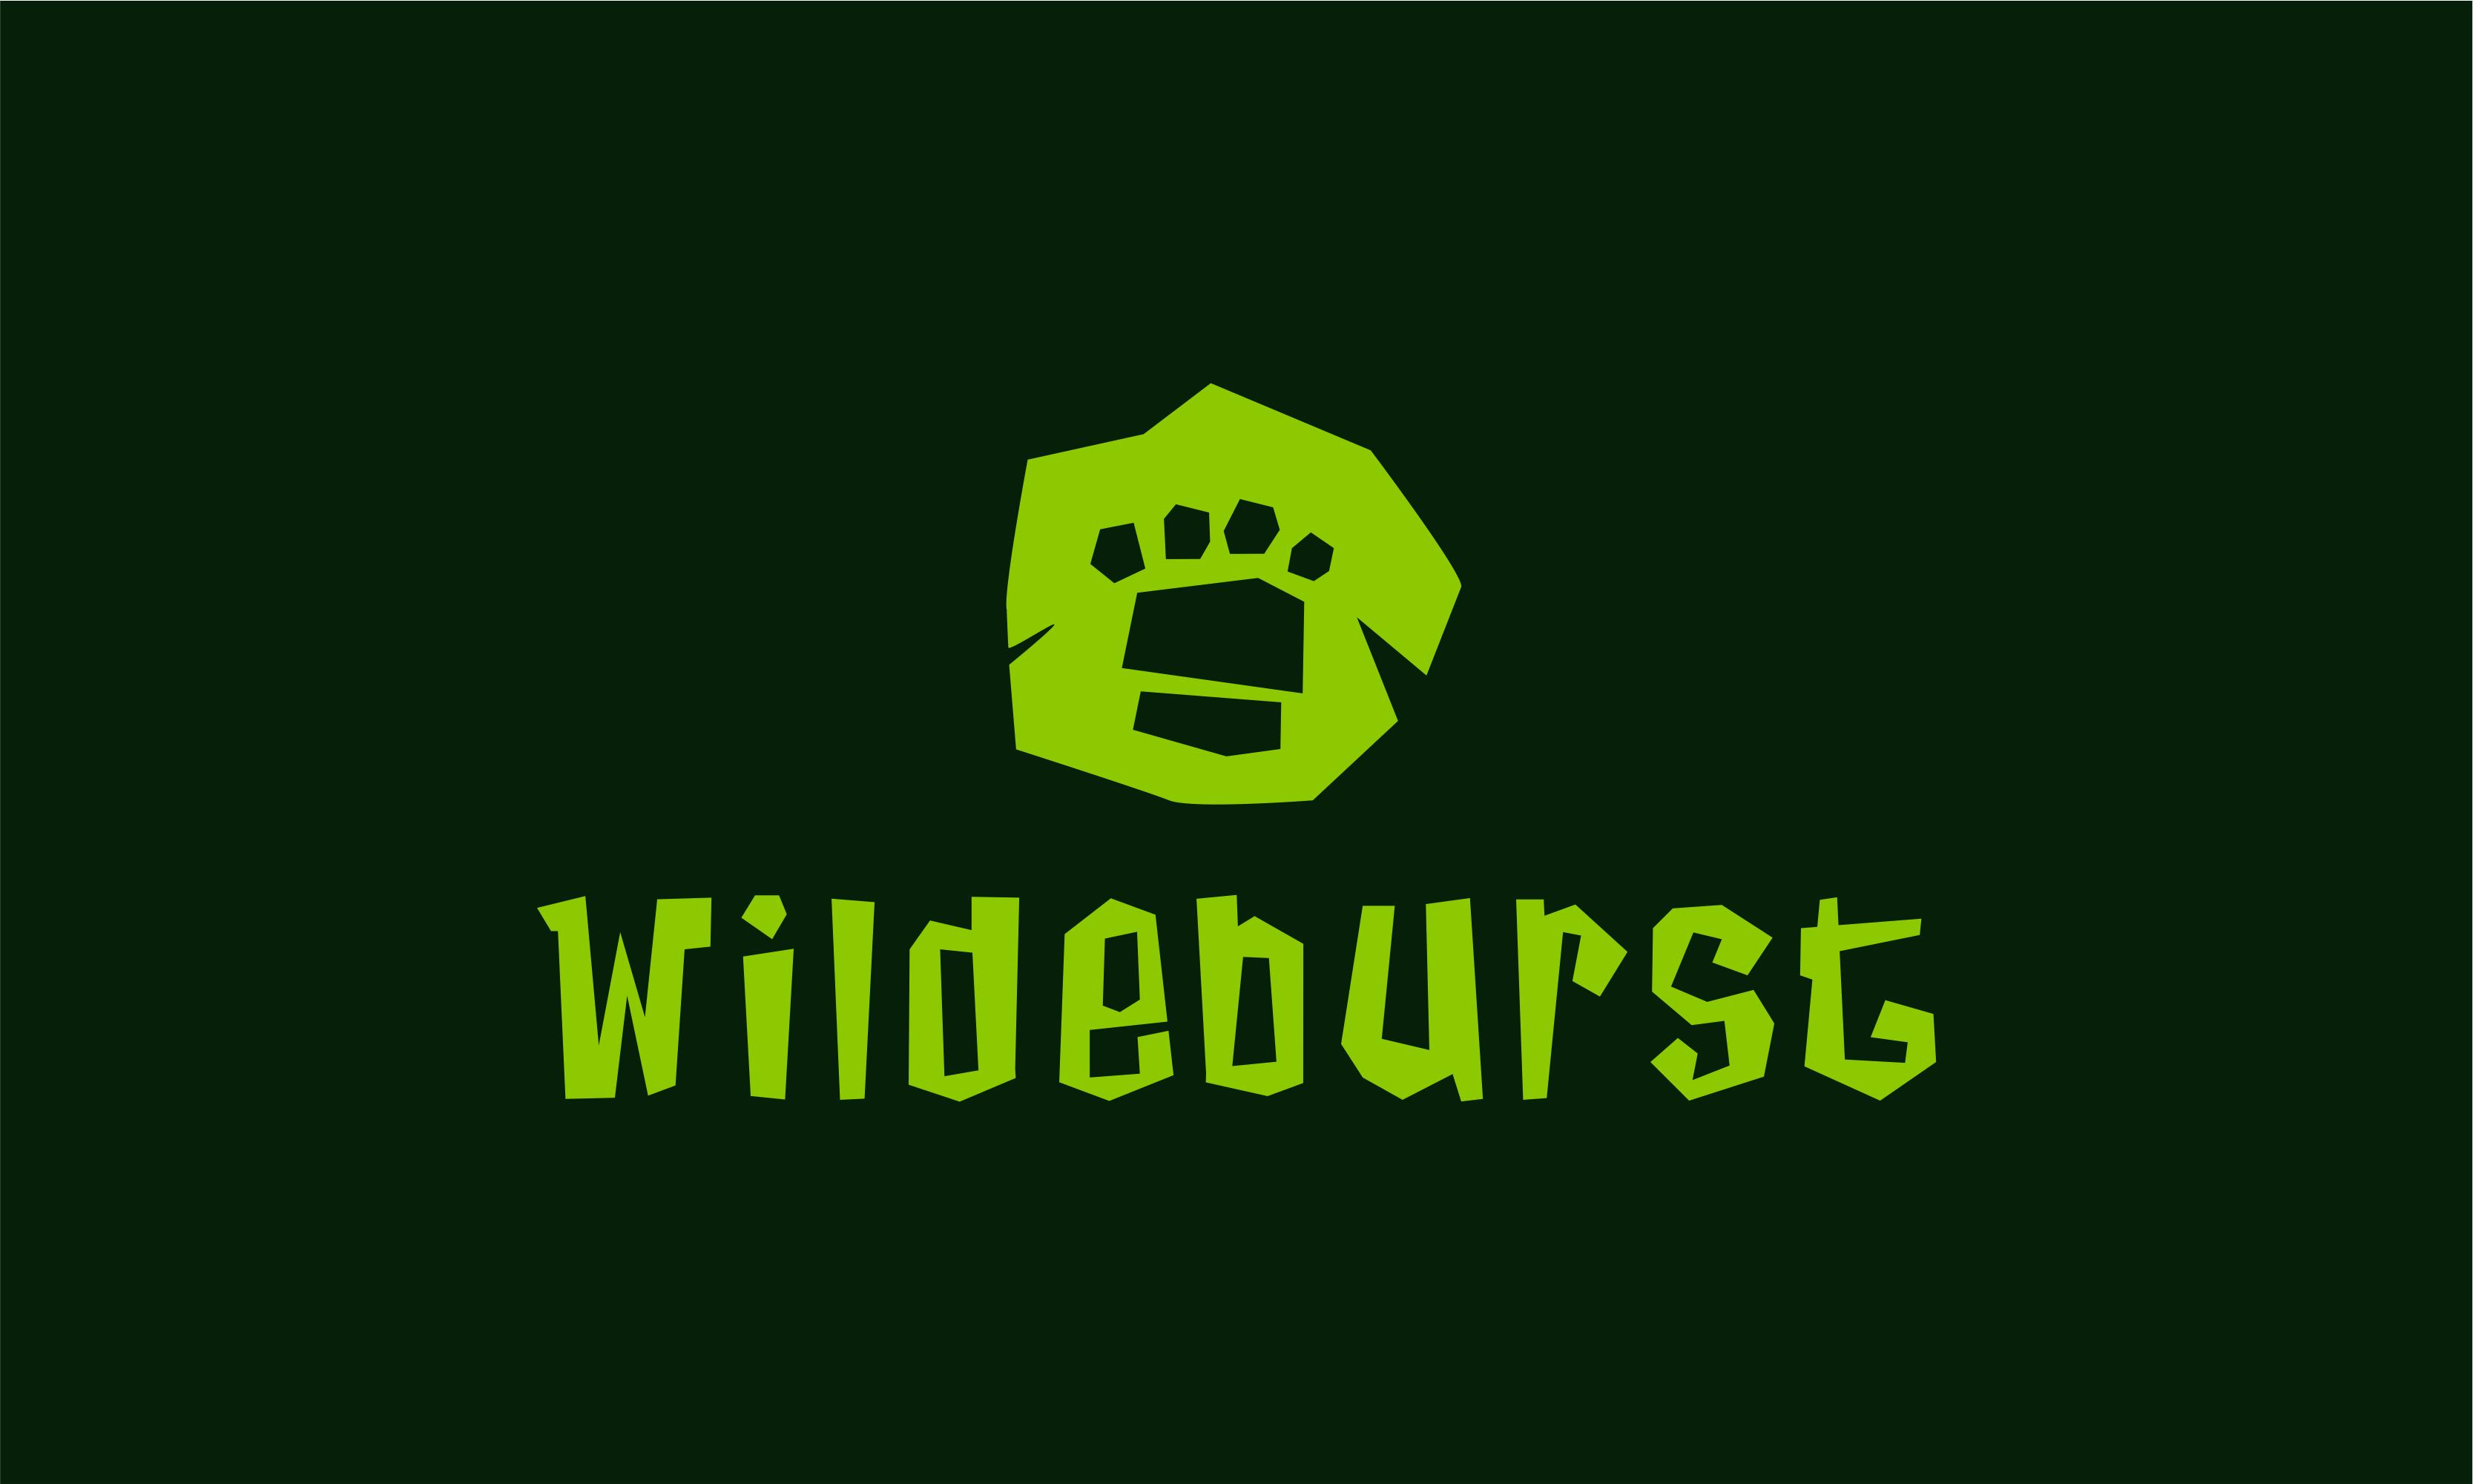 Wildeburst